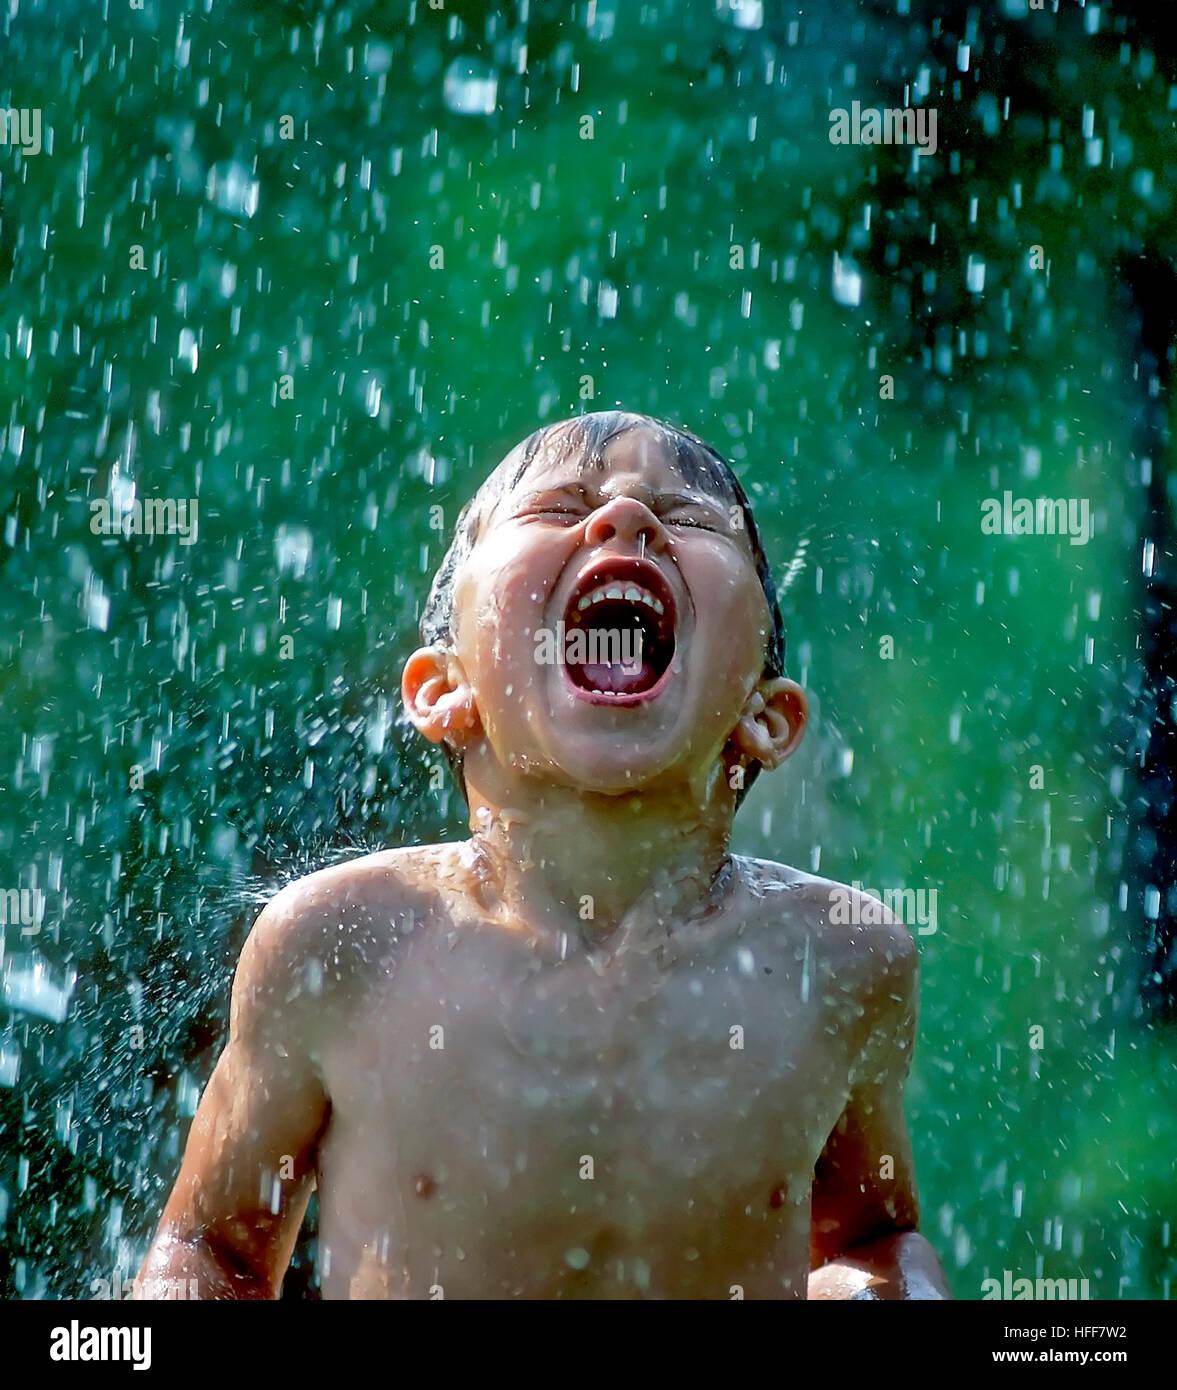 Ein kleiner Junge fängt Regentropfen in den offenen Mund mit einem Ausdruck von purer Lebensfreude und jugendlichem Stockbild